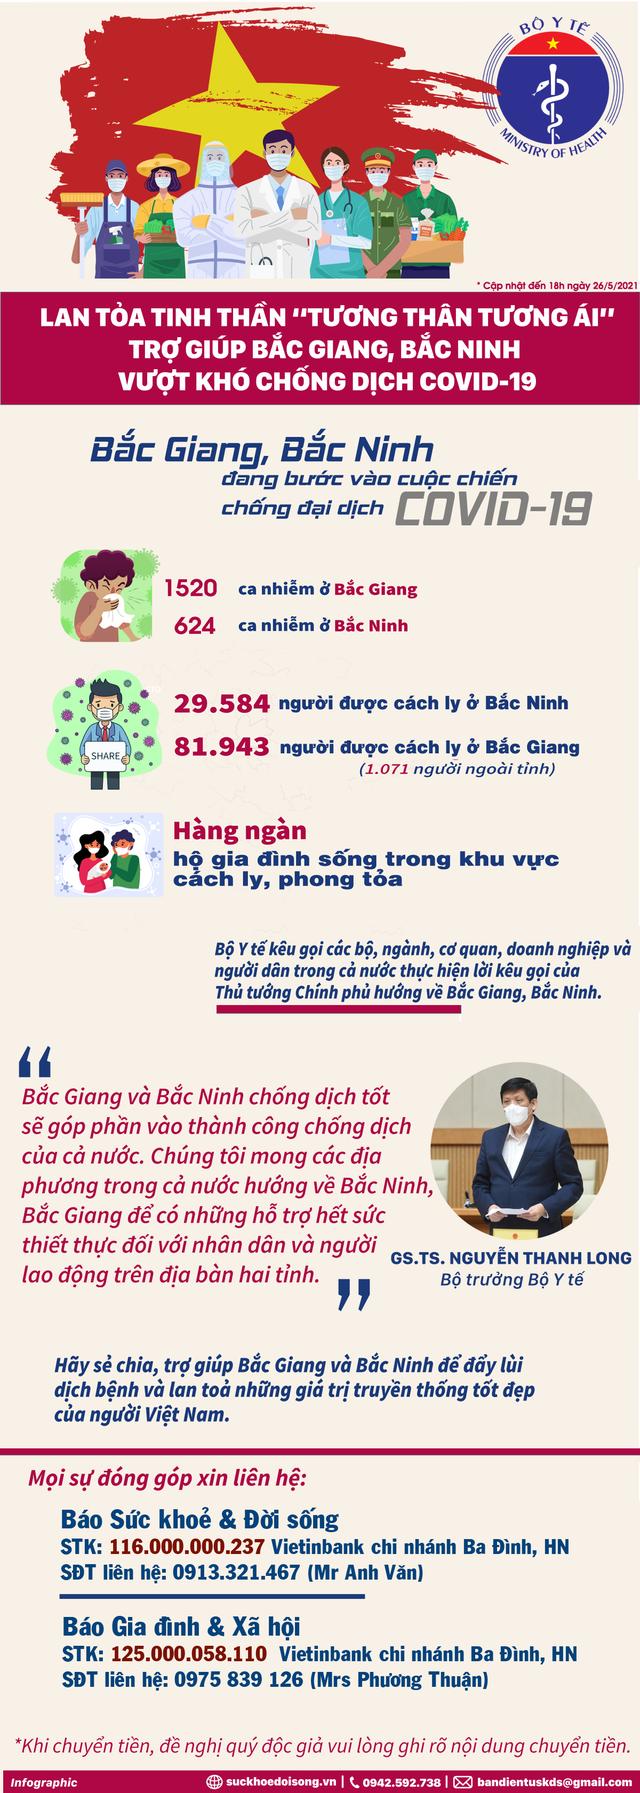 Các doanh nghiệp tích cực ủng hộ Bắc Giang, Bắc Ninh chống dịch - Ảnh 6.